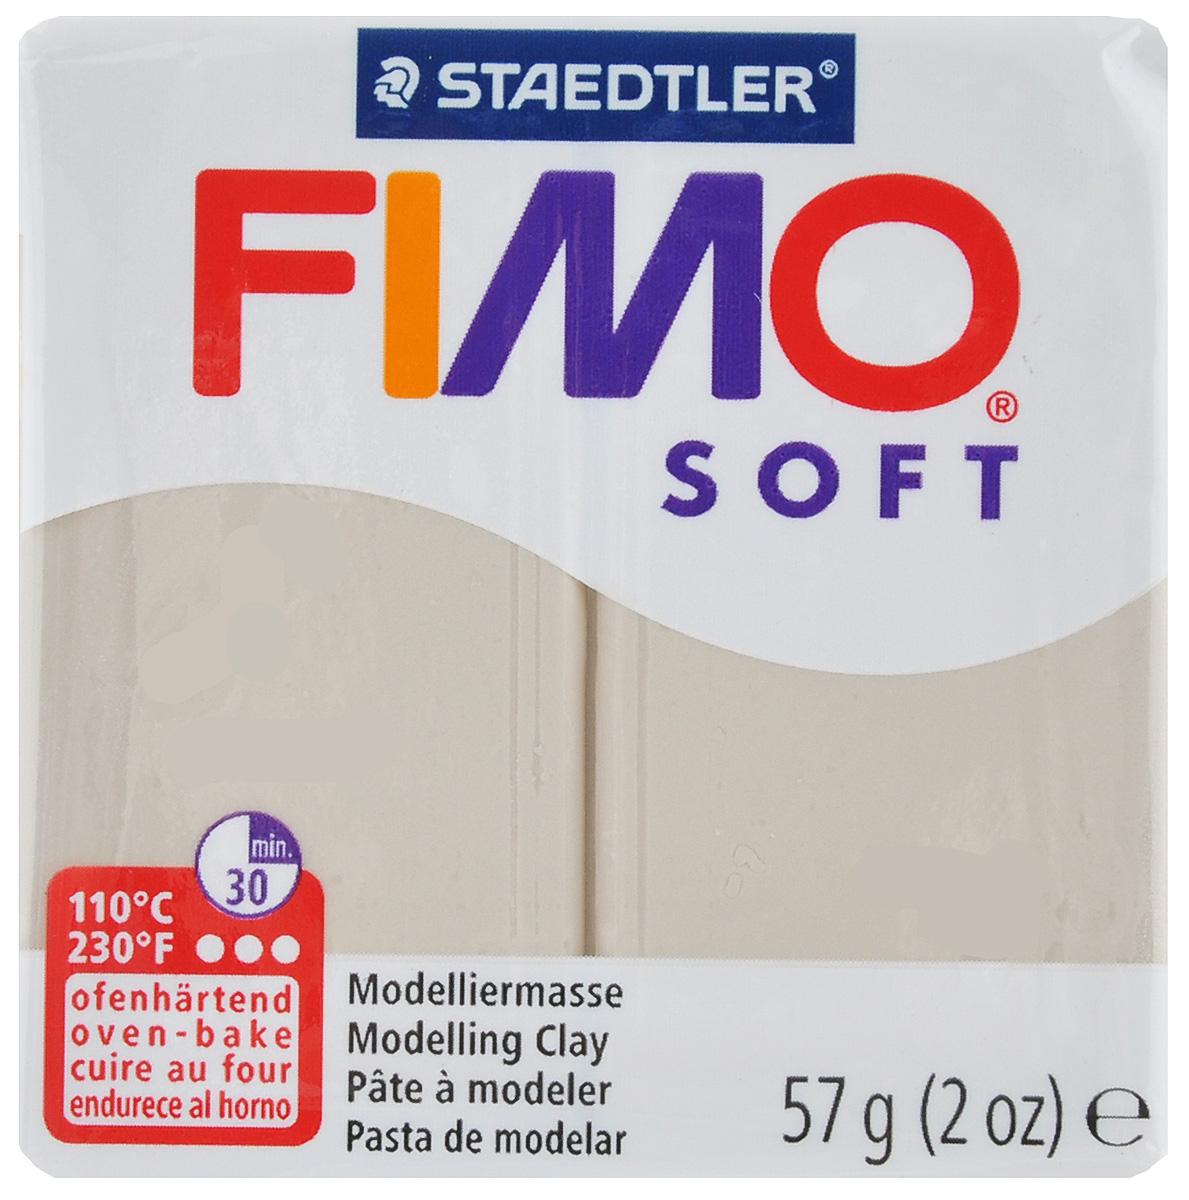 Полимерная глина Fimo Soft, цвет: сахара, 56 г8020-70Мягкая глина на полимерной основе (пластика) Fimo Soft идеально подходит для лепки небольших изделий (украшений, скульптурок, кукол) и для моделирования. Глина обладает отличными пластичными свойствами, хорошо размягчается и лепится, легко смешивается между собой, благодаря чему можно создать огромное количество поделок любых цветов и оттенков. Блок поделен на восемь сегментов, что позволяет легче разделять глину на порции. В домашних условиях готовая поделка выпекается в духовом шкафу при температуре 110°С в течение 15-30 минут (в зависимости от величины изделия). Отвердевшие изделия могут быть раскрашены акриловыми красками, покрыты лаком, склеены друг с другом или с другими материалами.